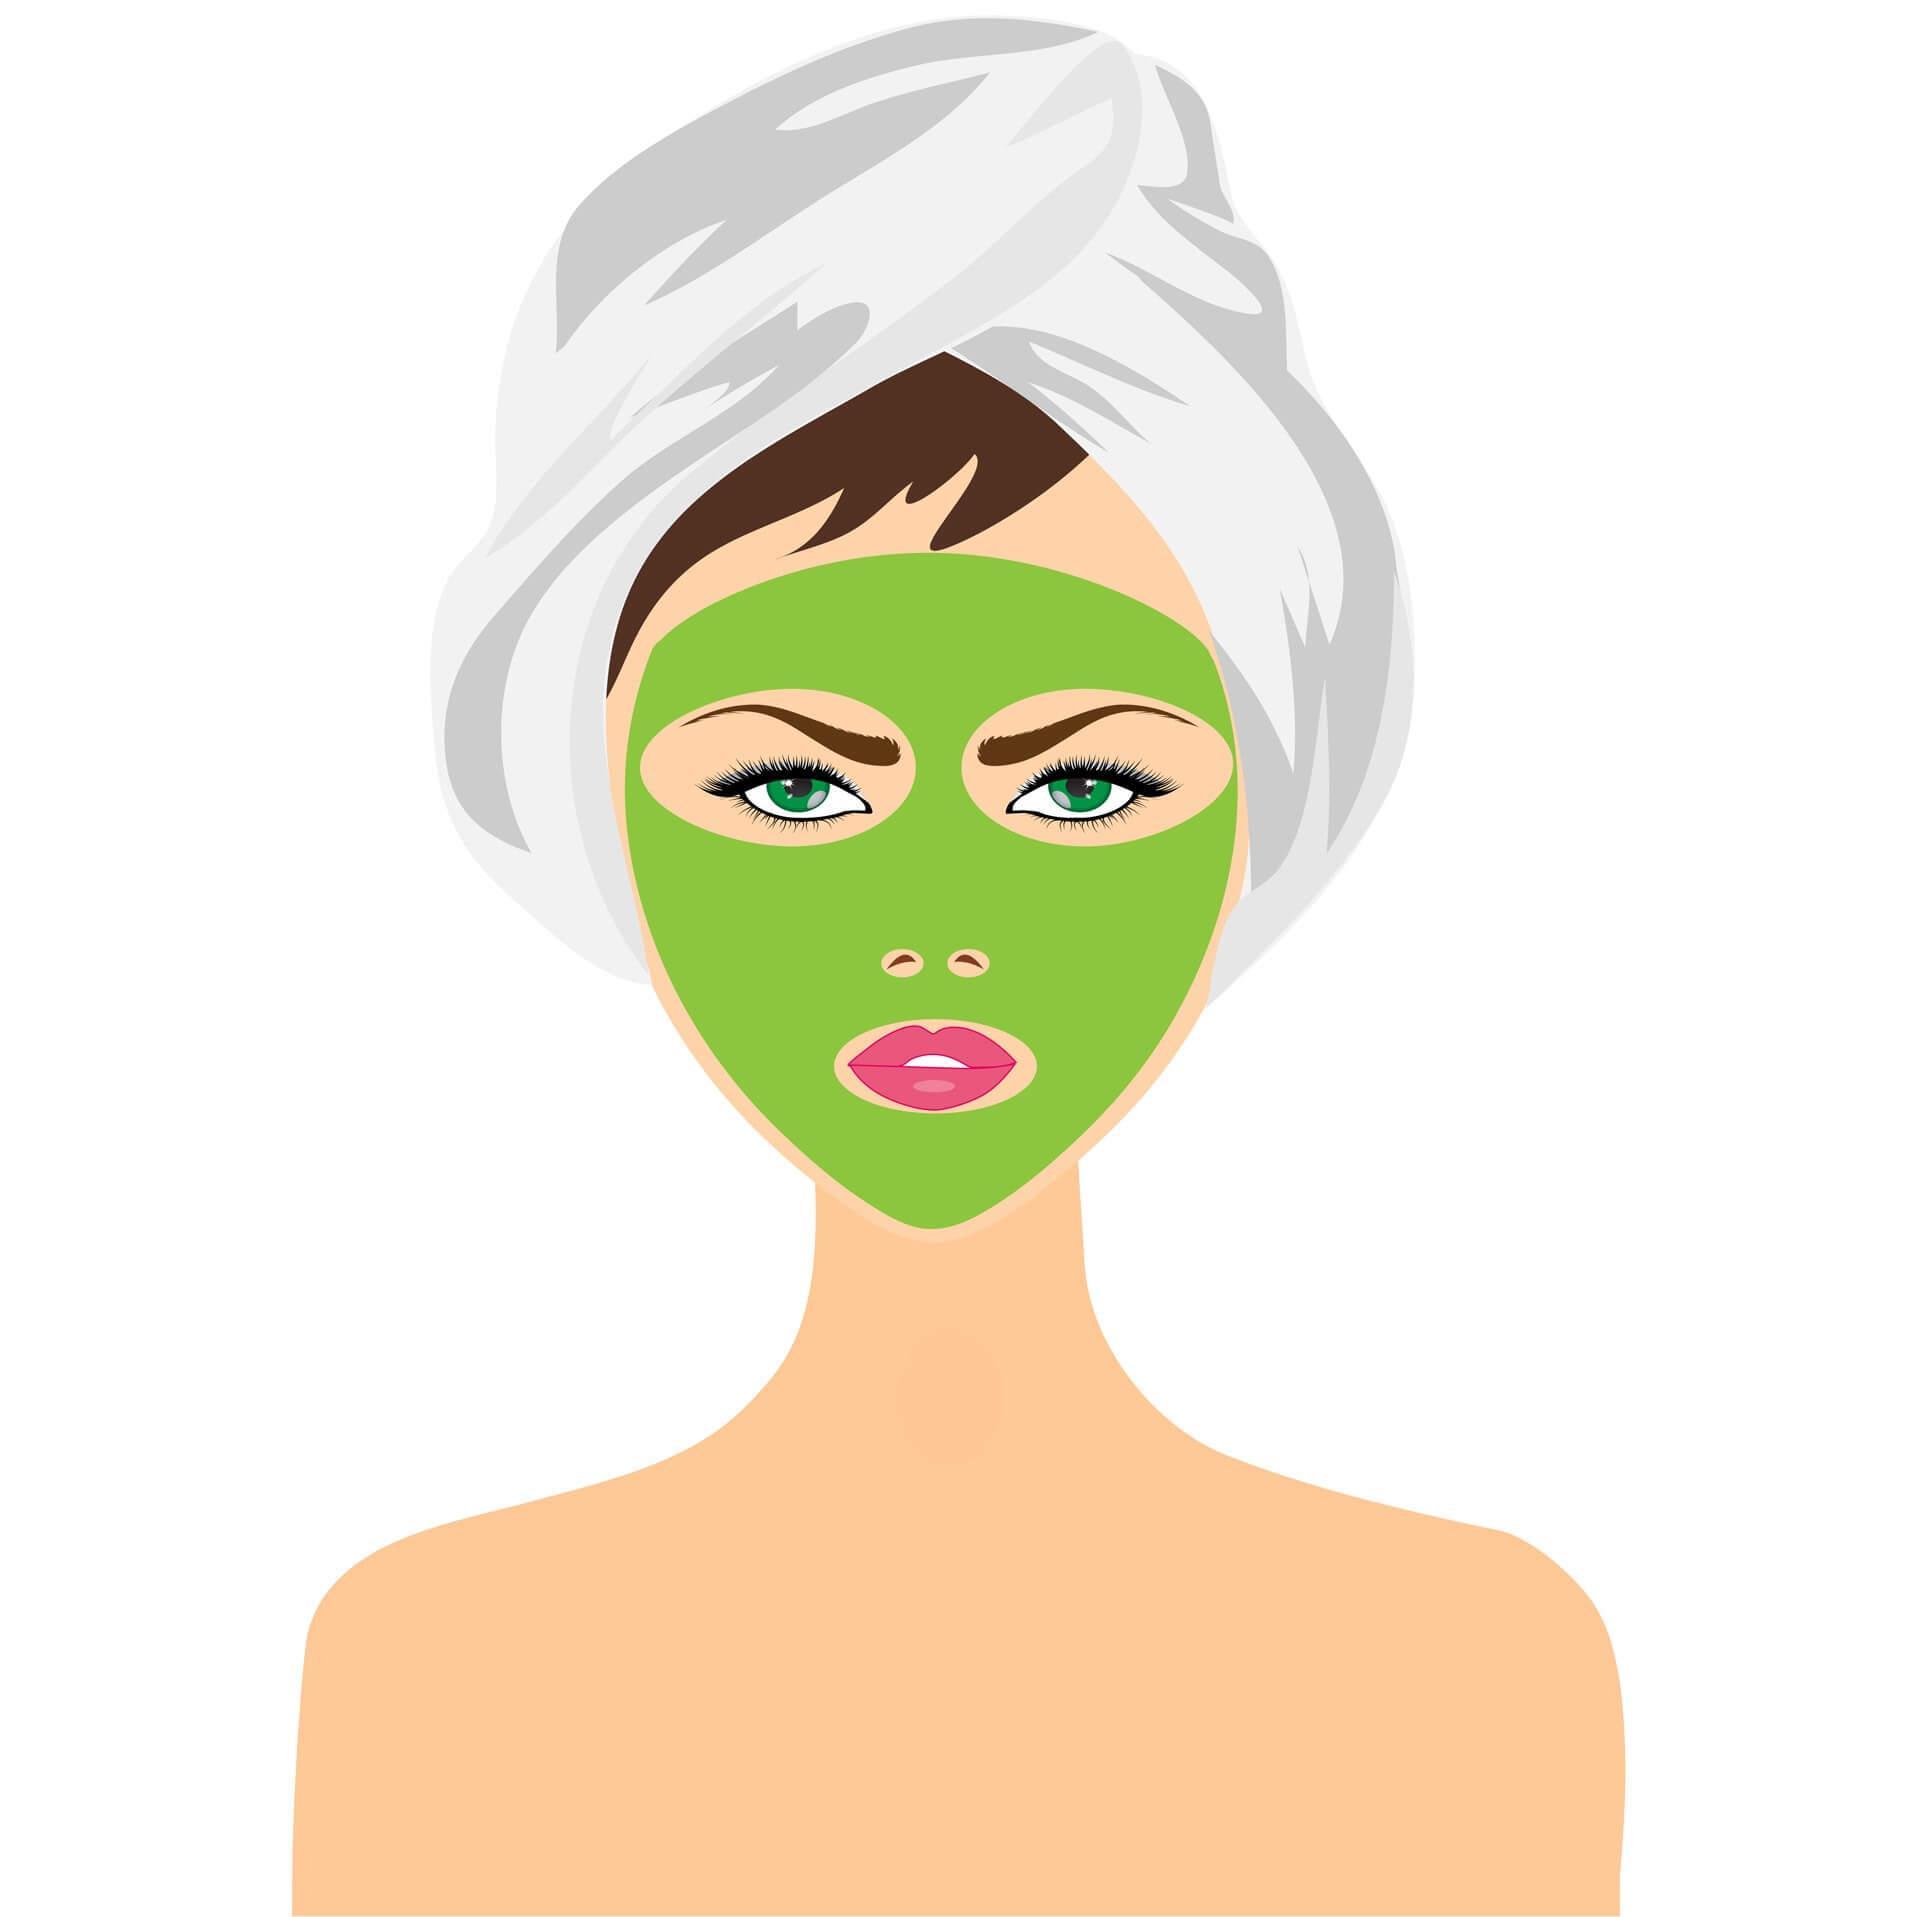 μάσκα προσώπου όσο κάνουμε μπάνιο